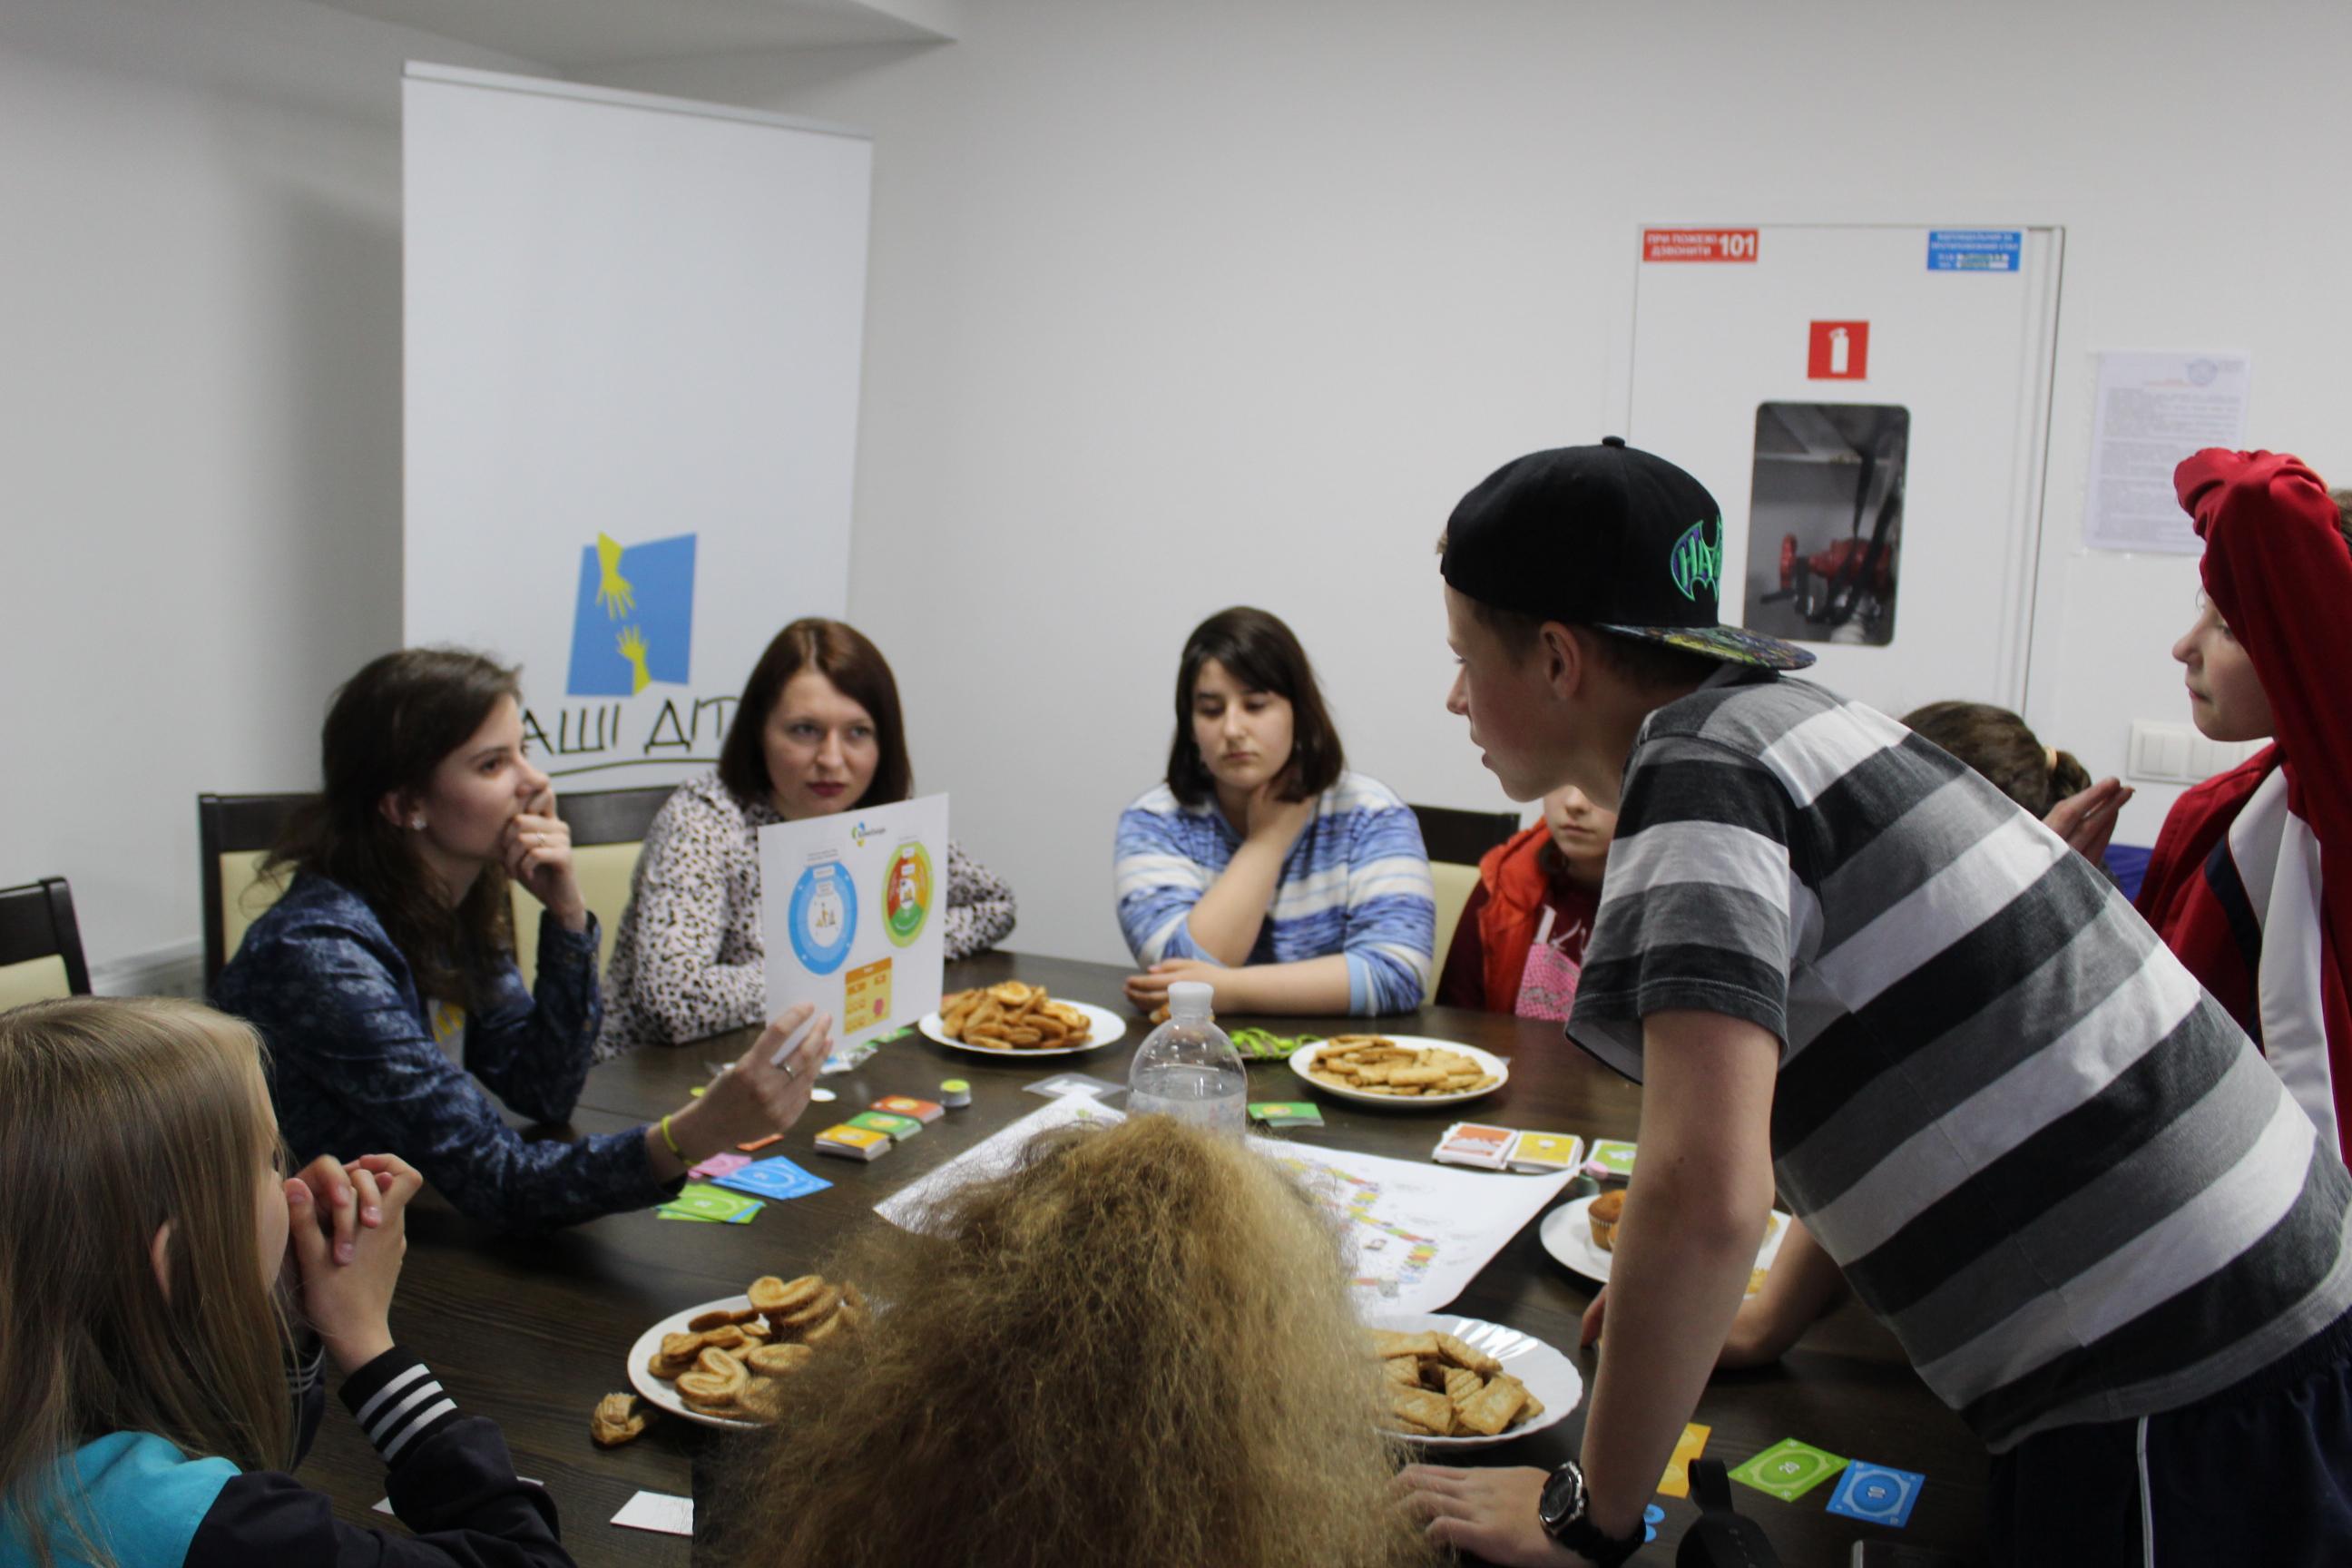 🎲 Ukraїnci stvoryly biznes-gru «Bizne$hody» z sociaľnogo pidpryjemnyctva dlja školjariv